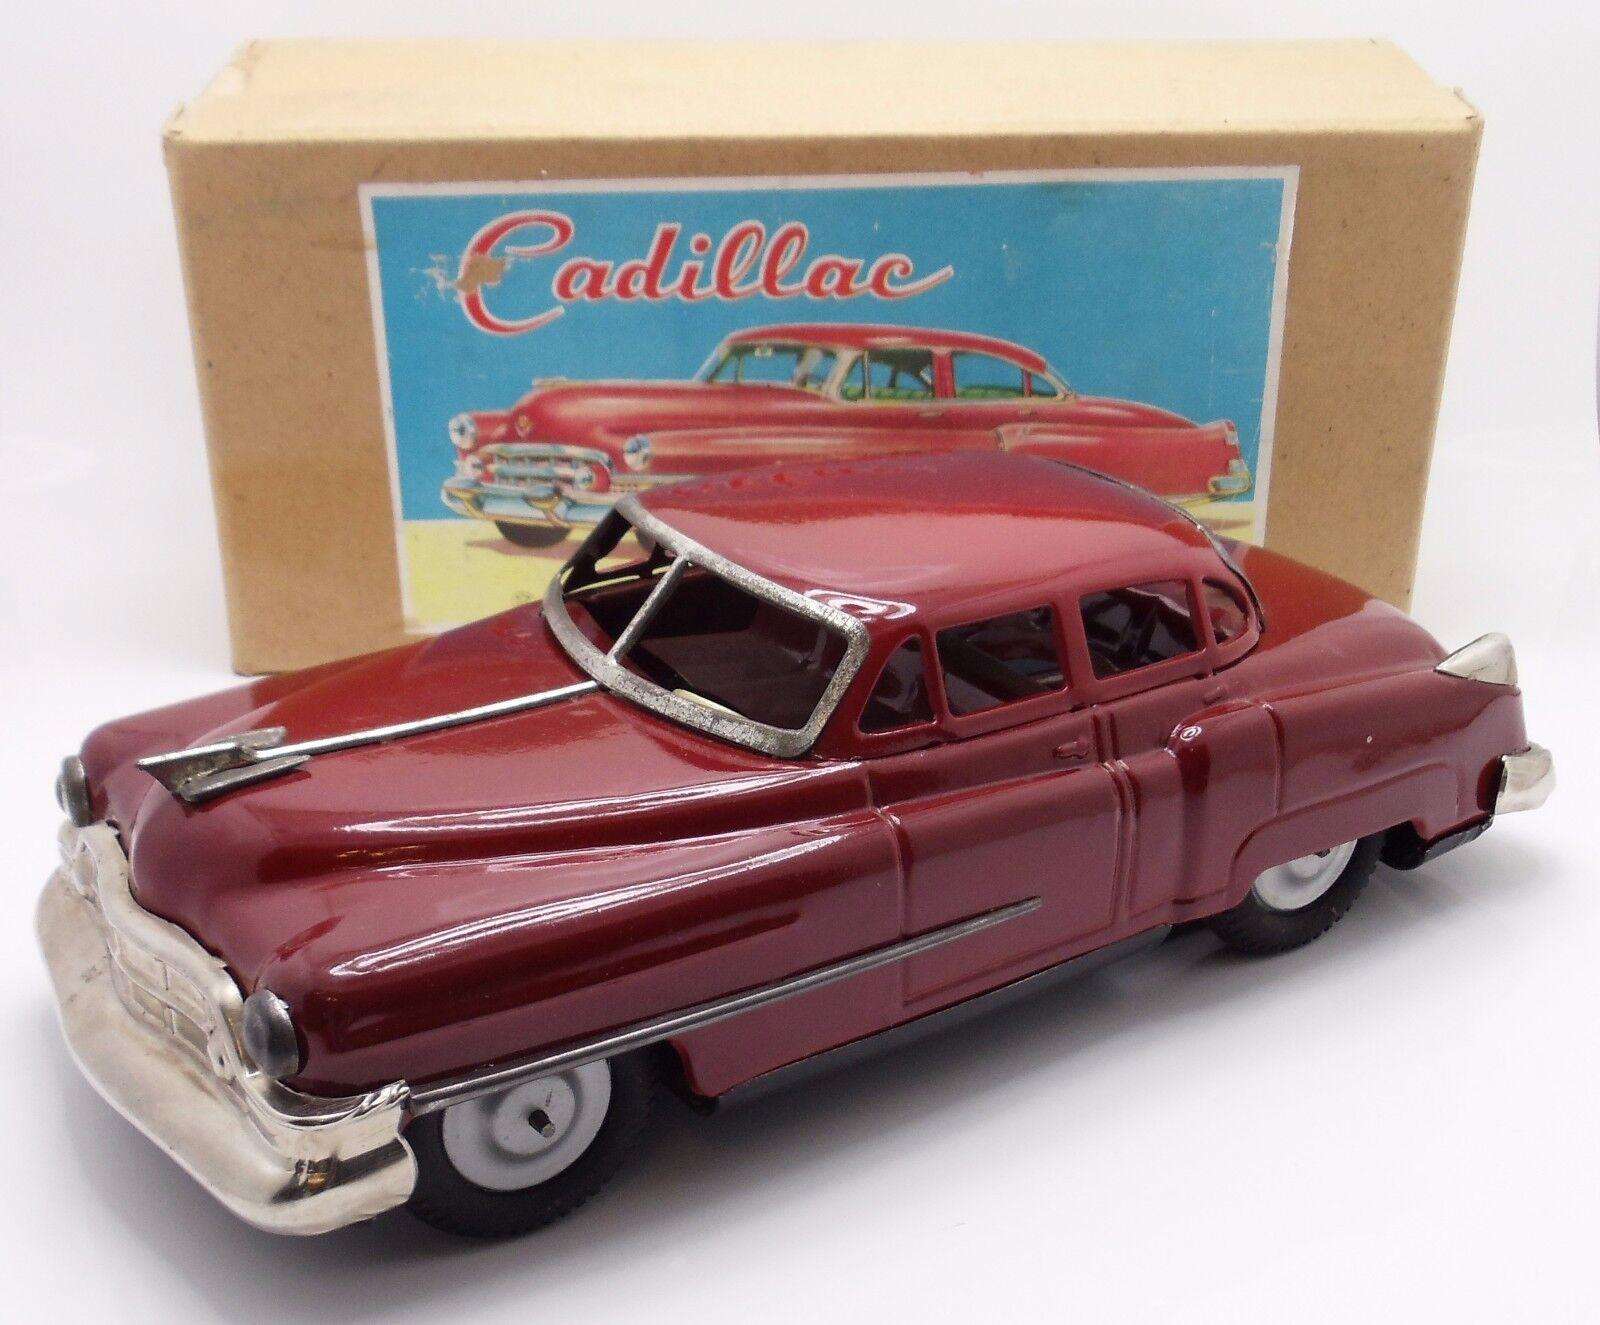 Enorme 13 1 2 ... 1949 1950 1951 1952 Cadillac Fricción Estaño Juguete Japón Nomura